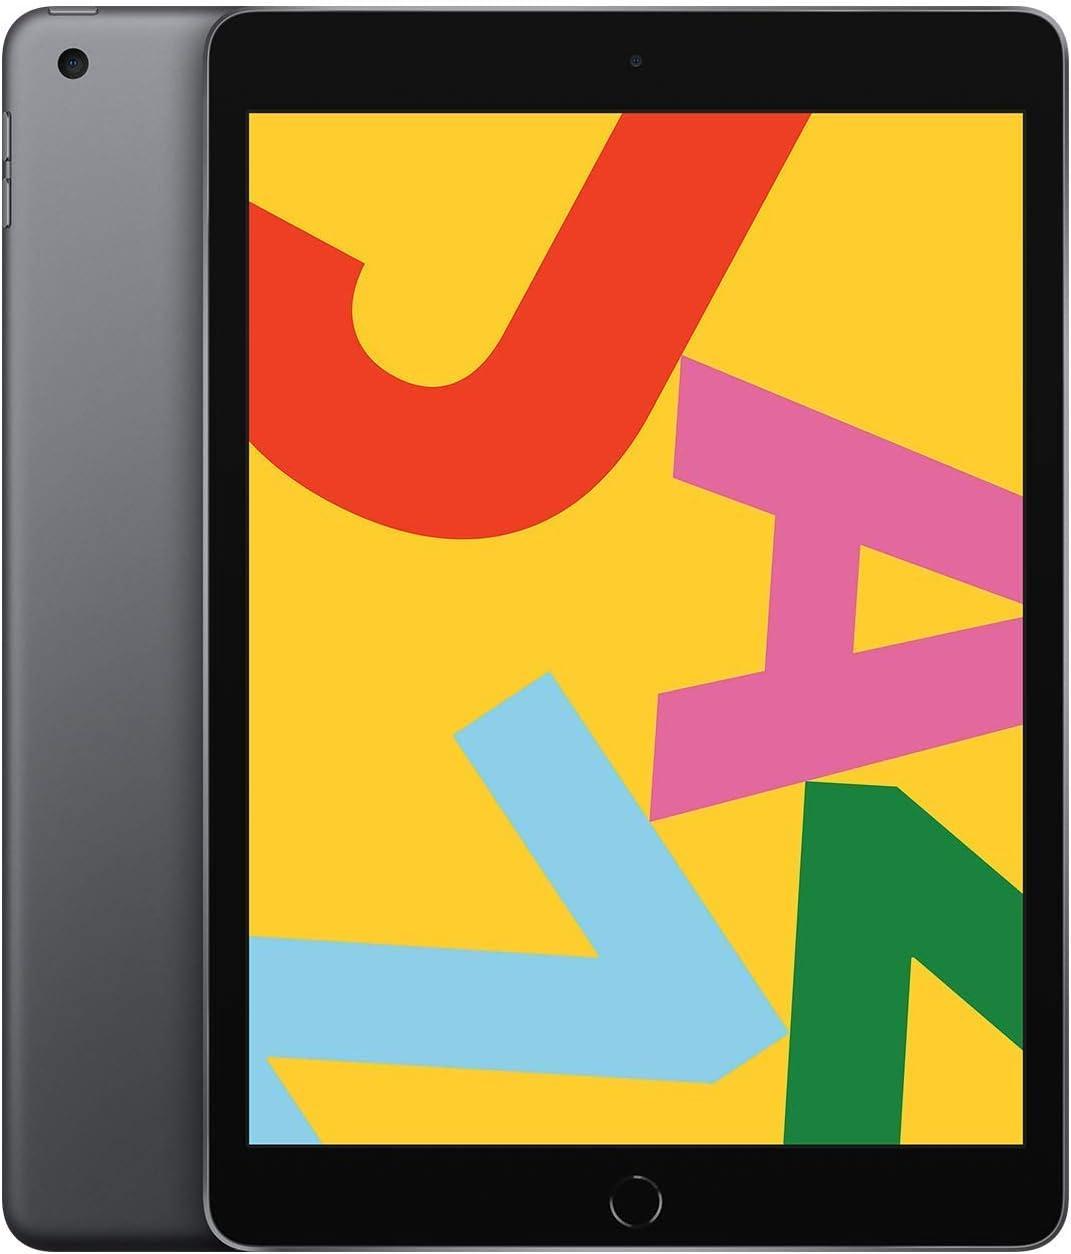 Apple iPad (10.2-Inch, Wi-Fi, 128GB) - Space Gray (Renewed)